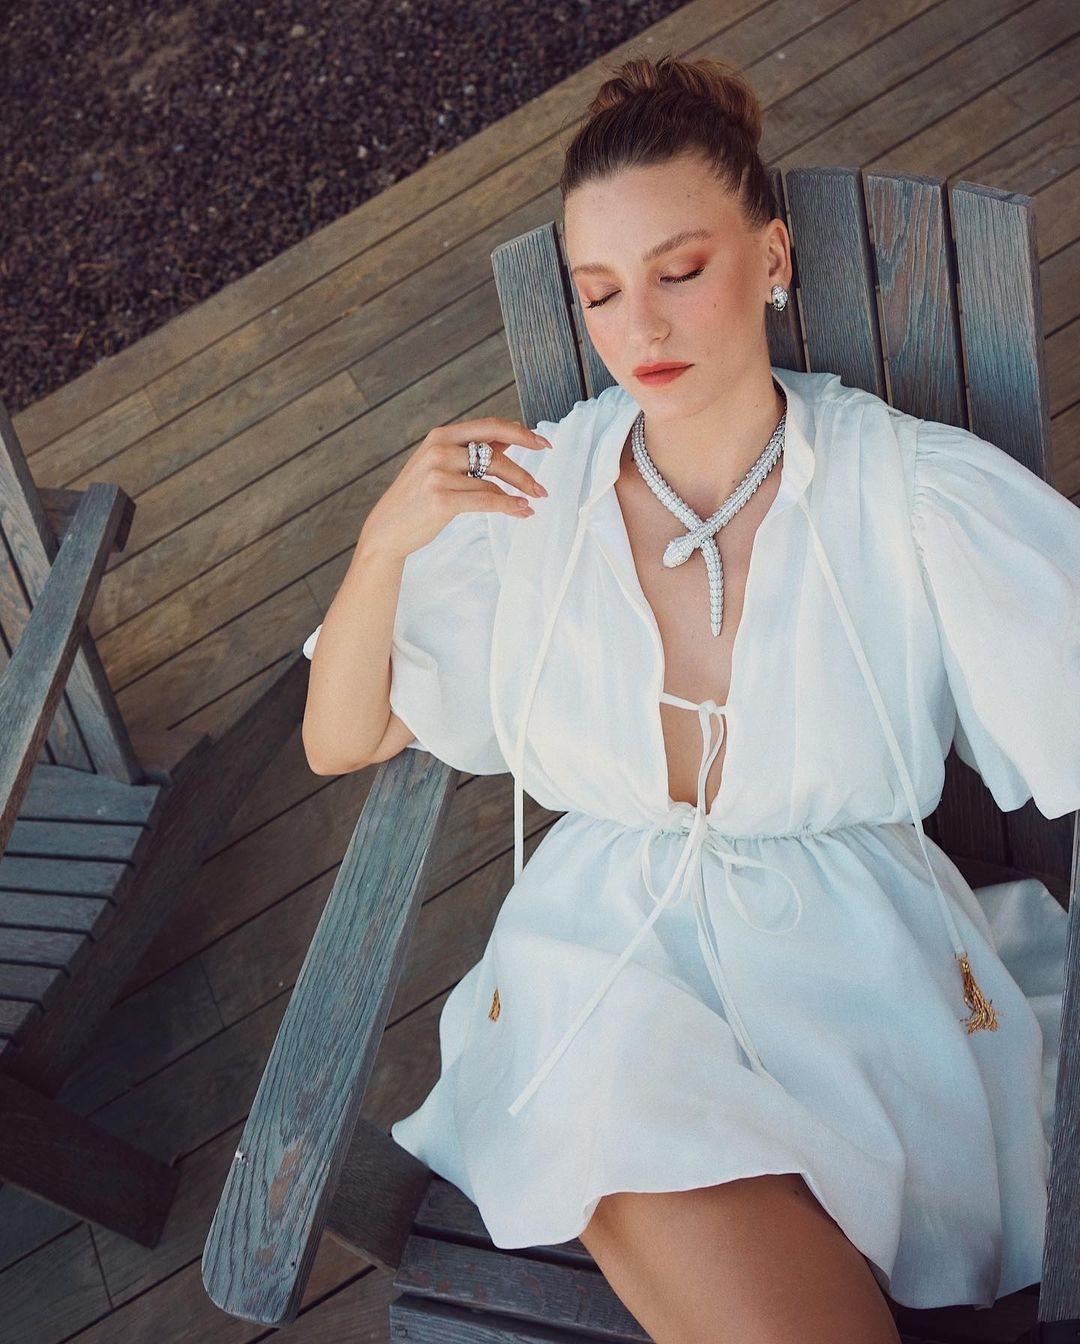 Serenay Sarıkaya bikinili pozlarıyla yaktı geçti - Sayfa 1